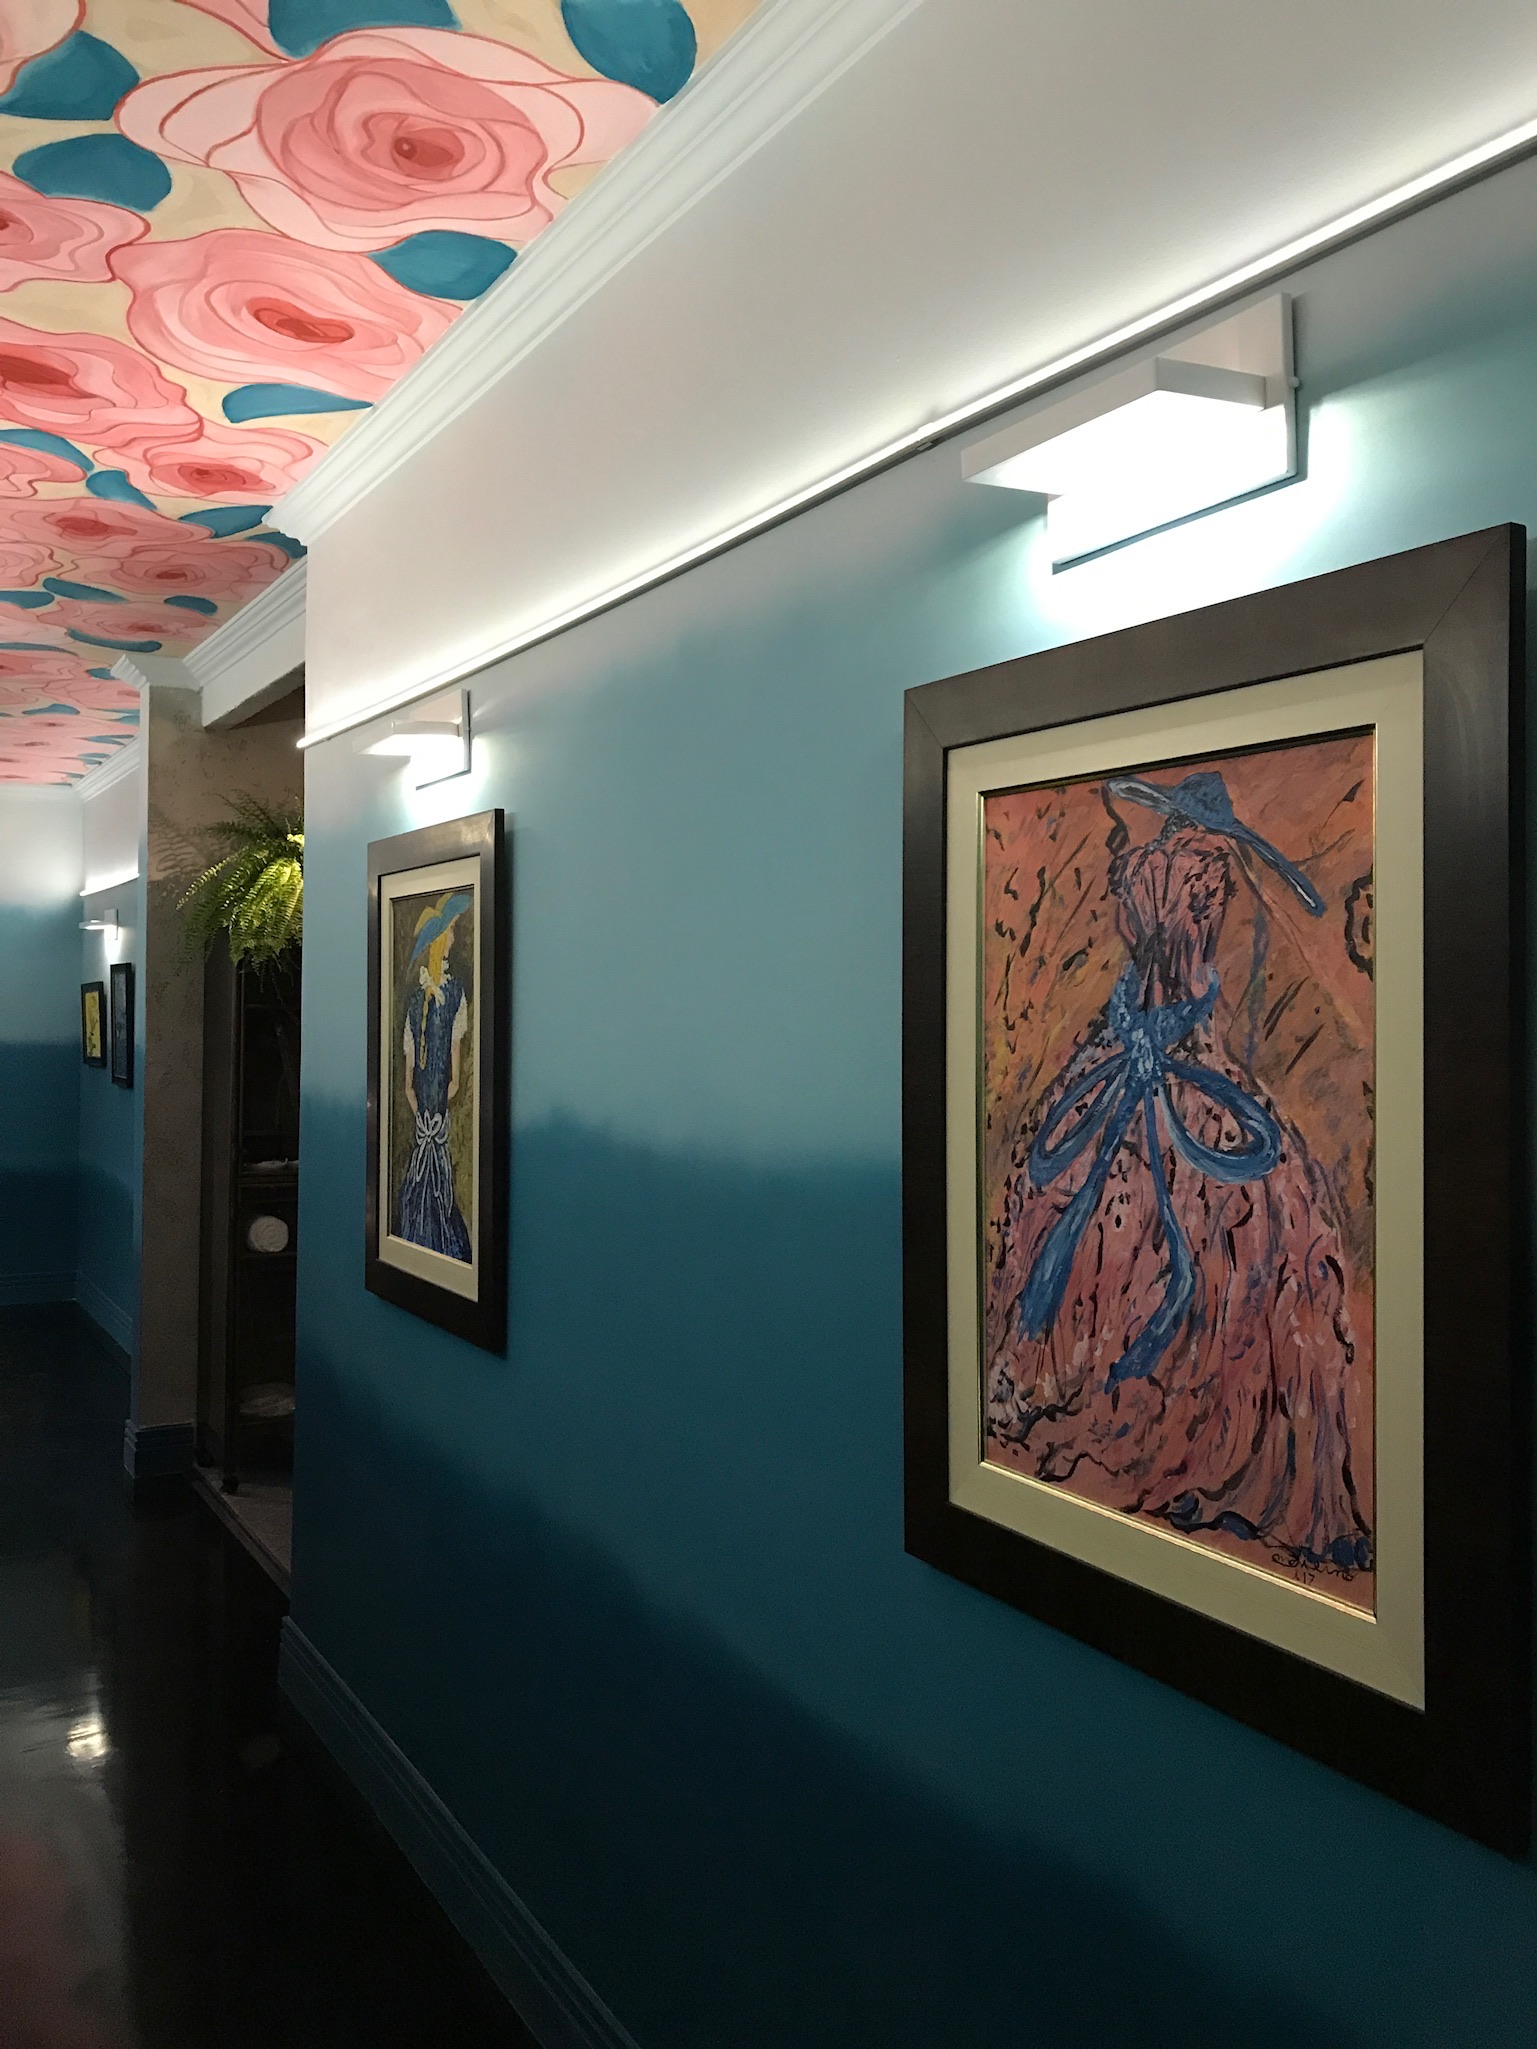 Galeria de Arte - Casa Cor CE 2017